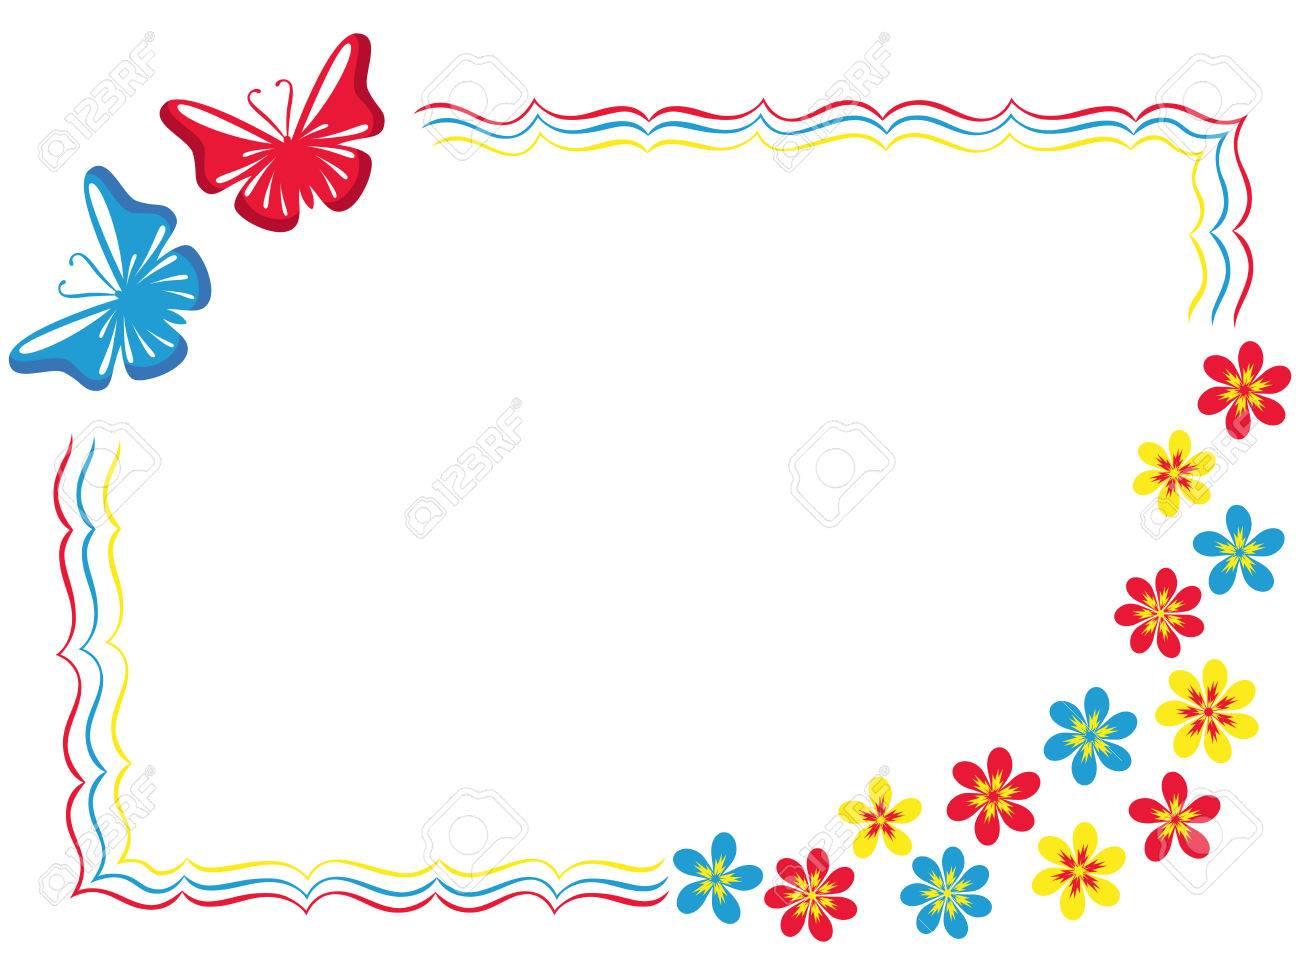 Tarjeta De Felicitación De San Valentín Con Dos Mariposas Y Flores